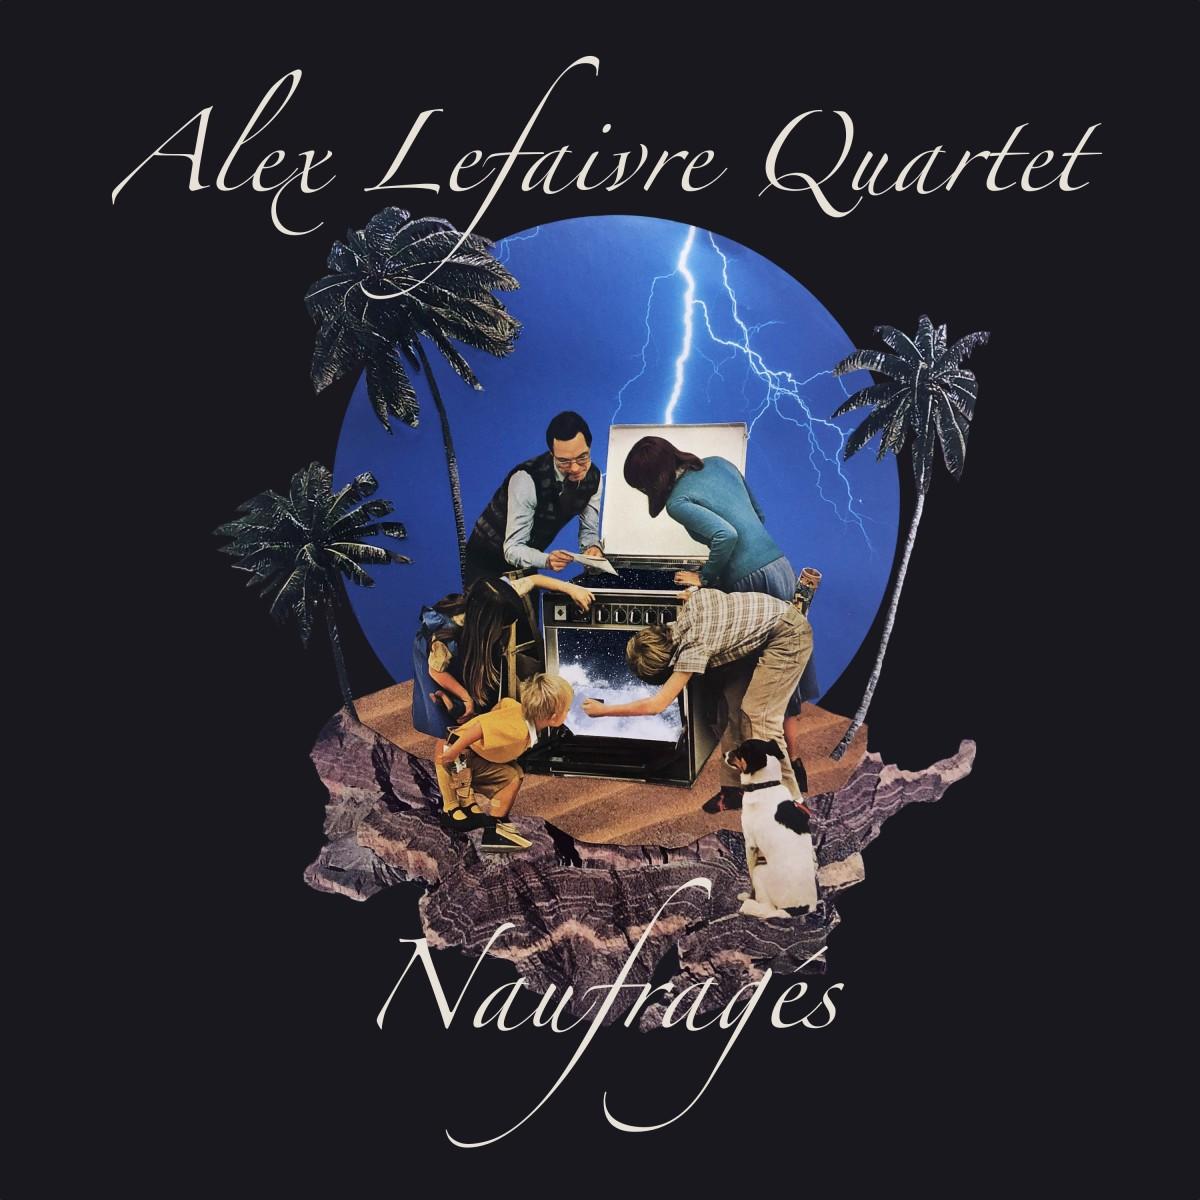 Alex Lefaivre Quartet